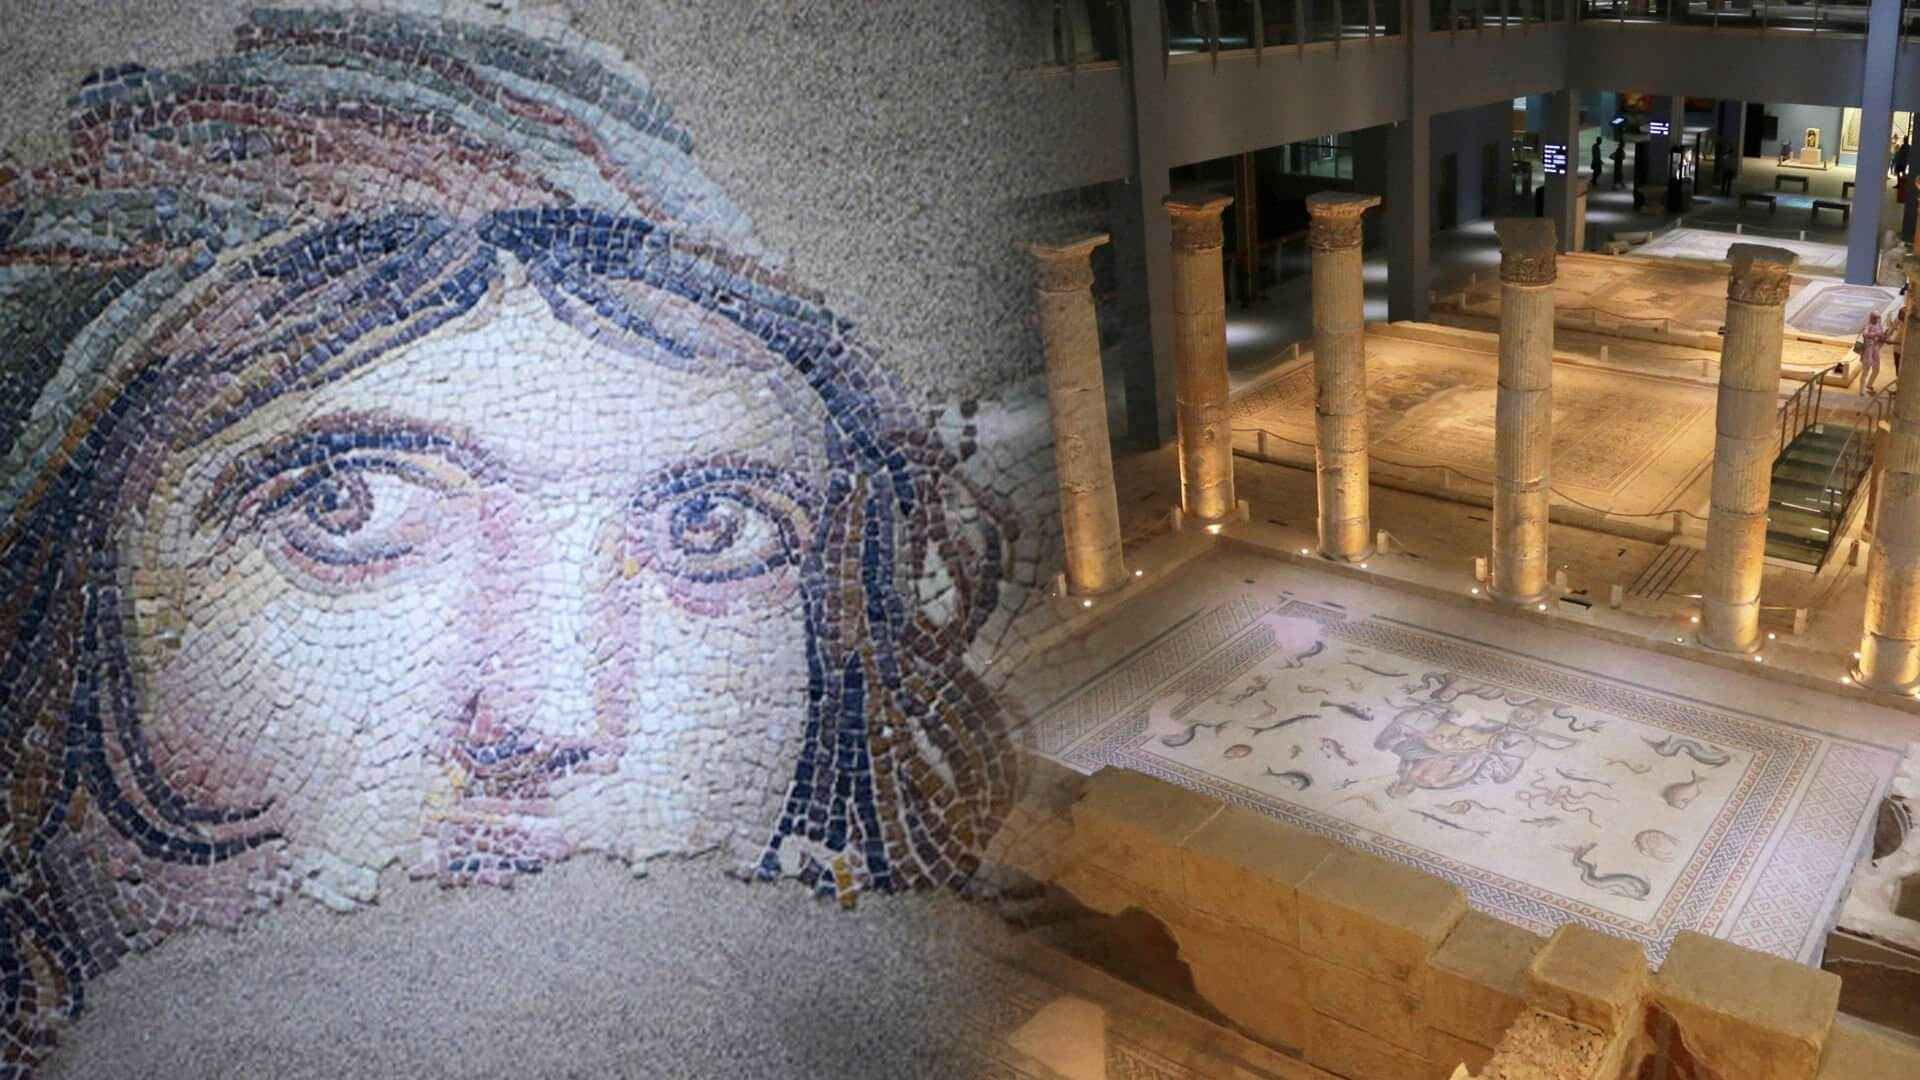 gaziantep-mozaik-muzesi-cingene-kizi